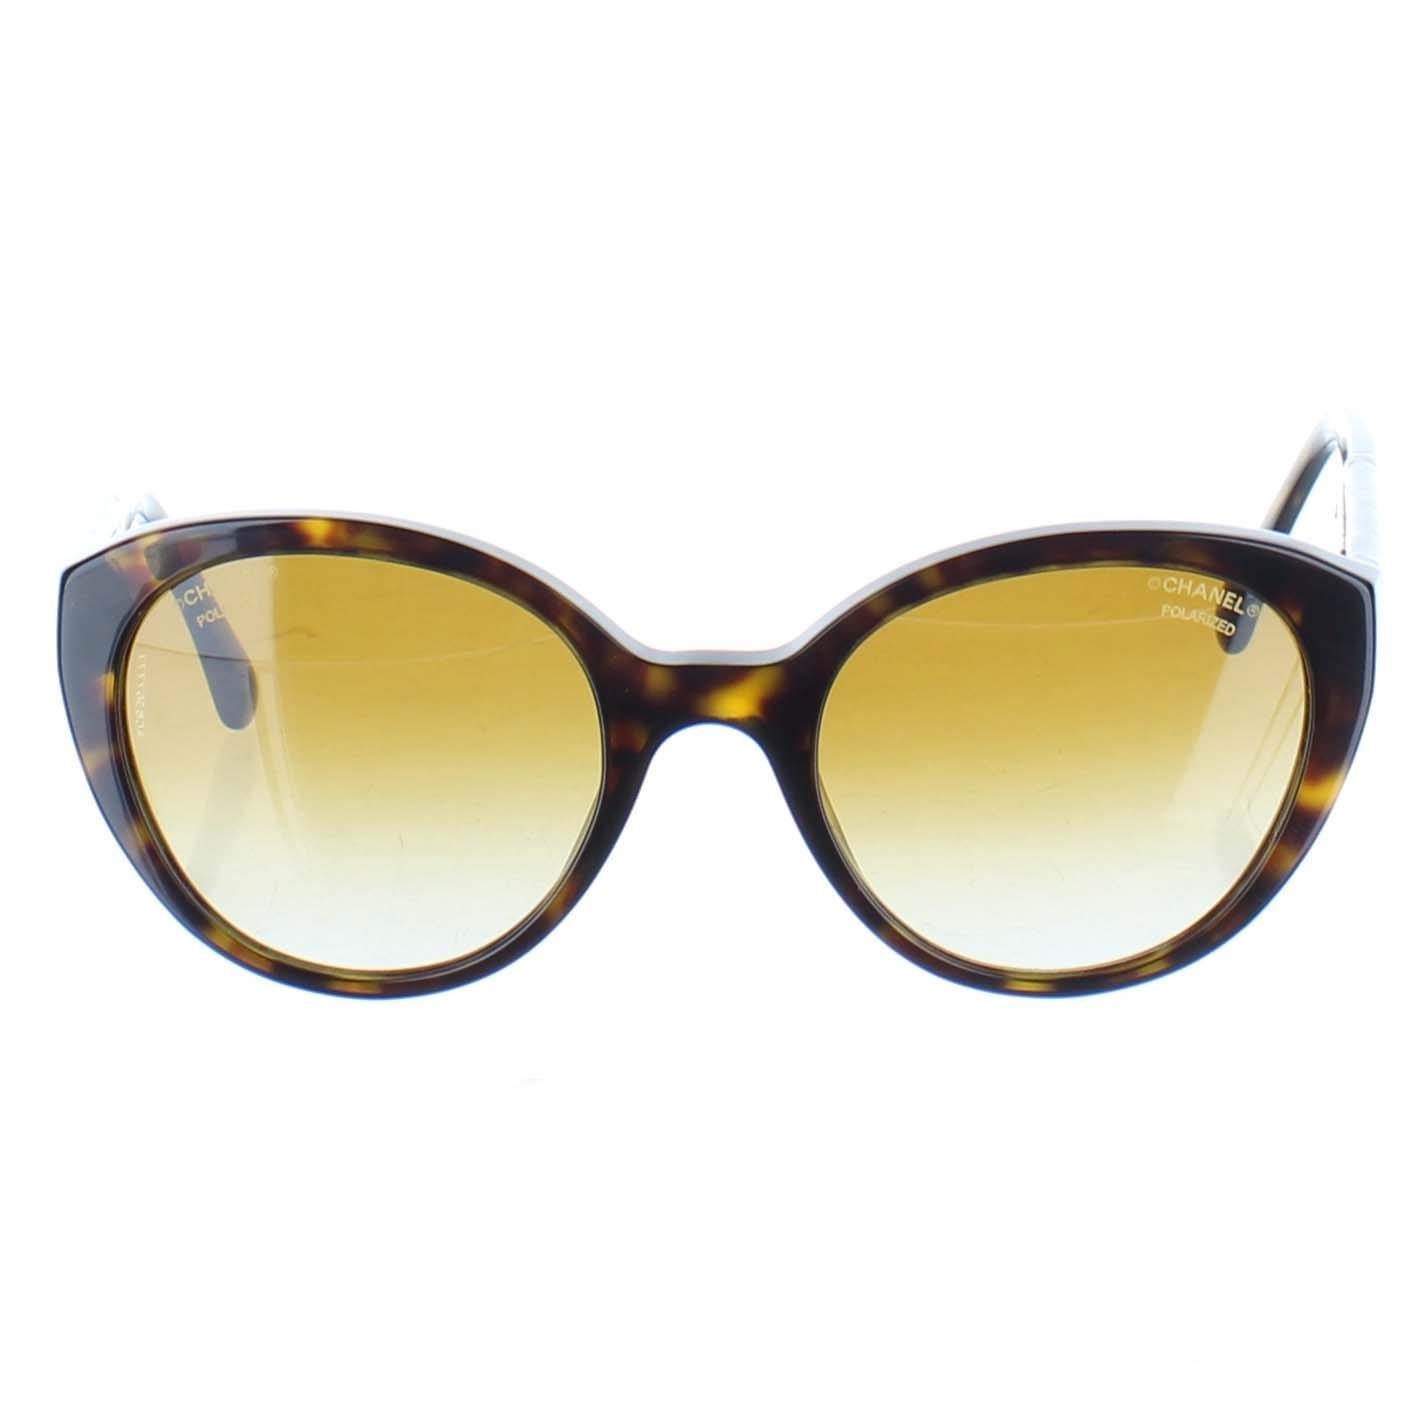 código promocional ccdd5 39cde Detalles de CHANEL Gafas de sol Estampado de Leopardo Polarizado